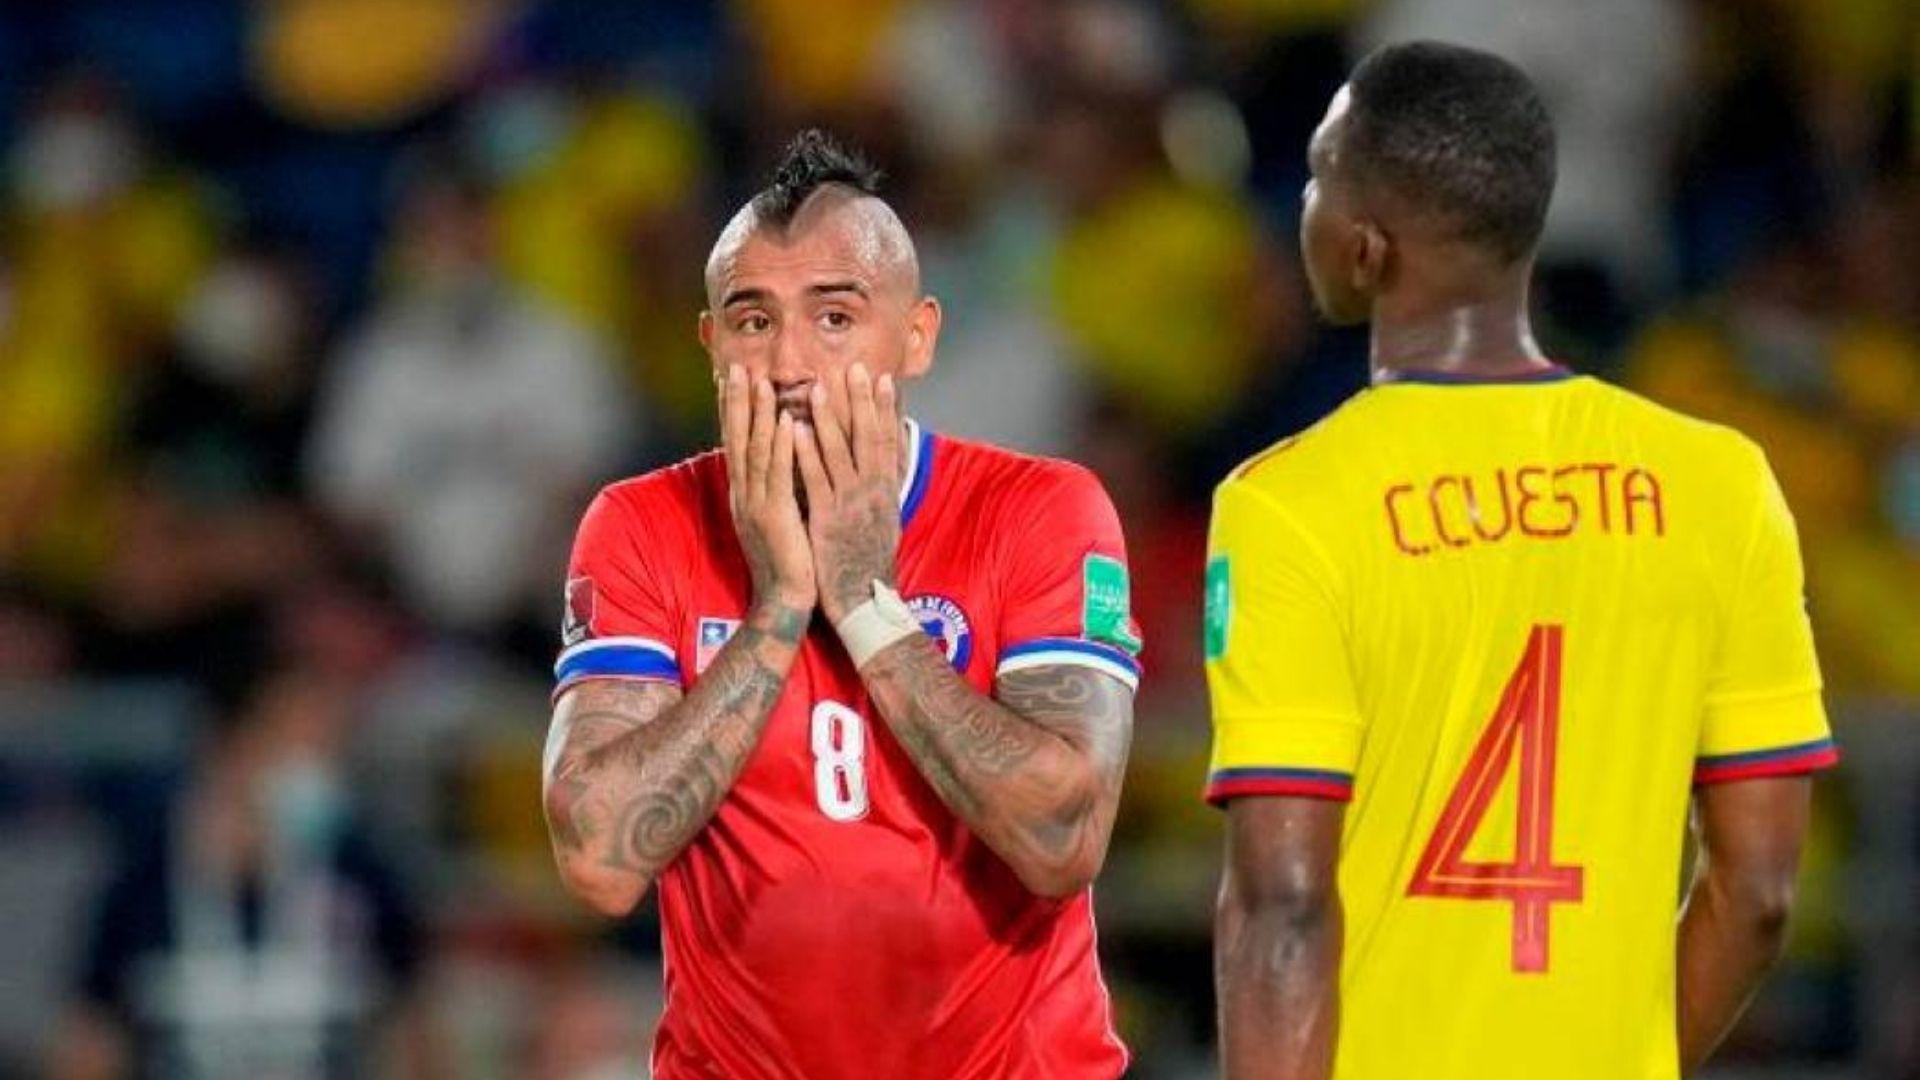 Carlos Cuesta y lo que dijo tras su debut con la Selección Colombia